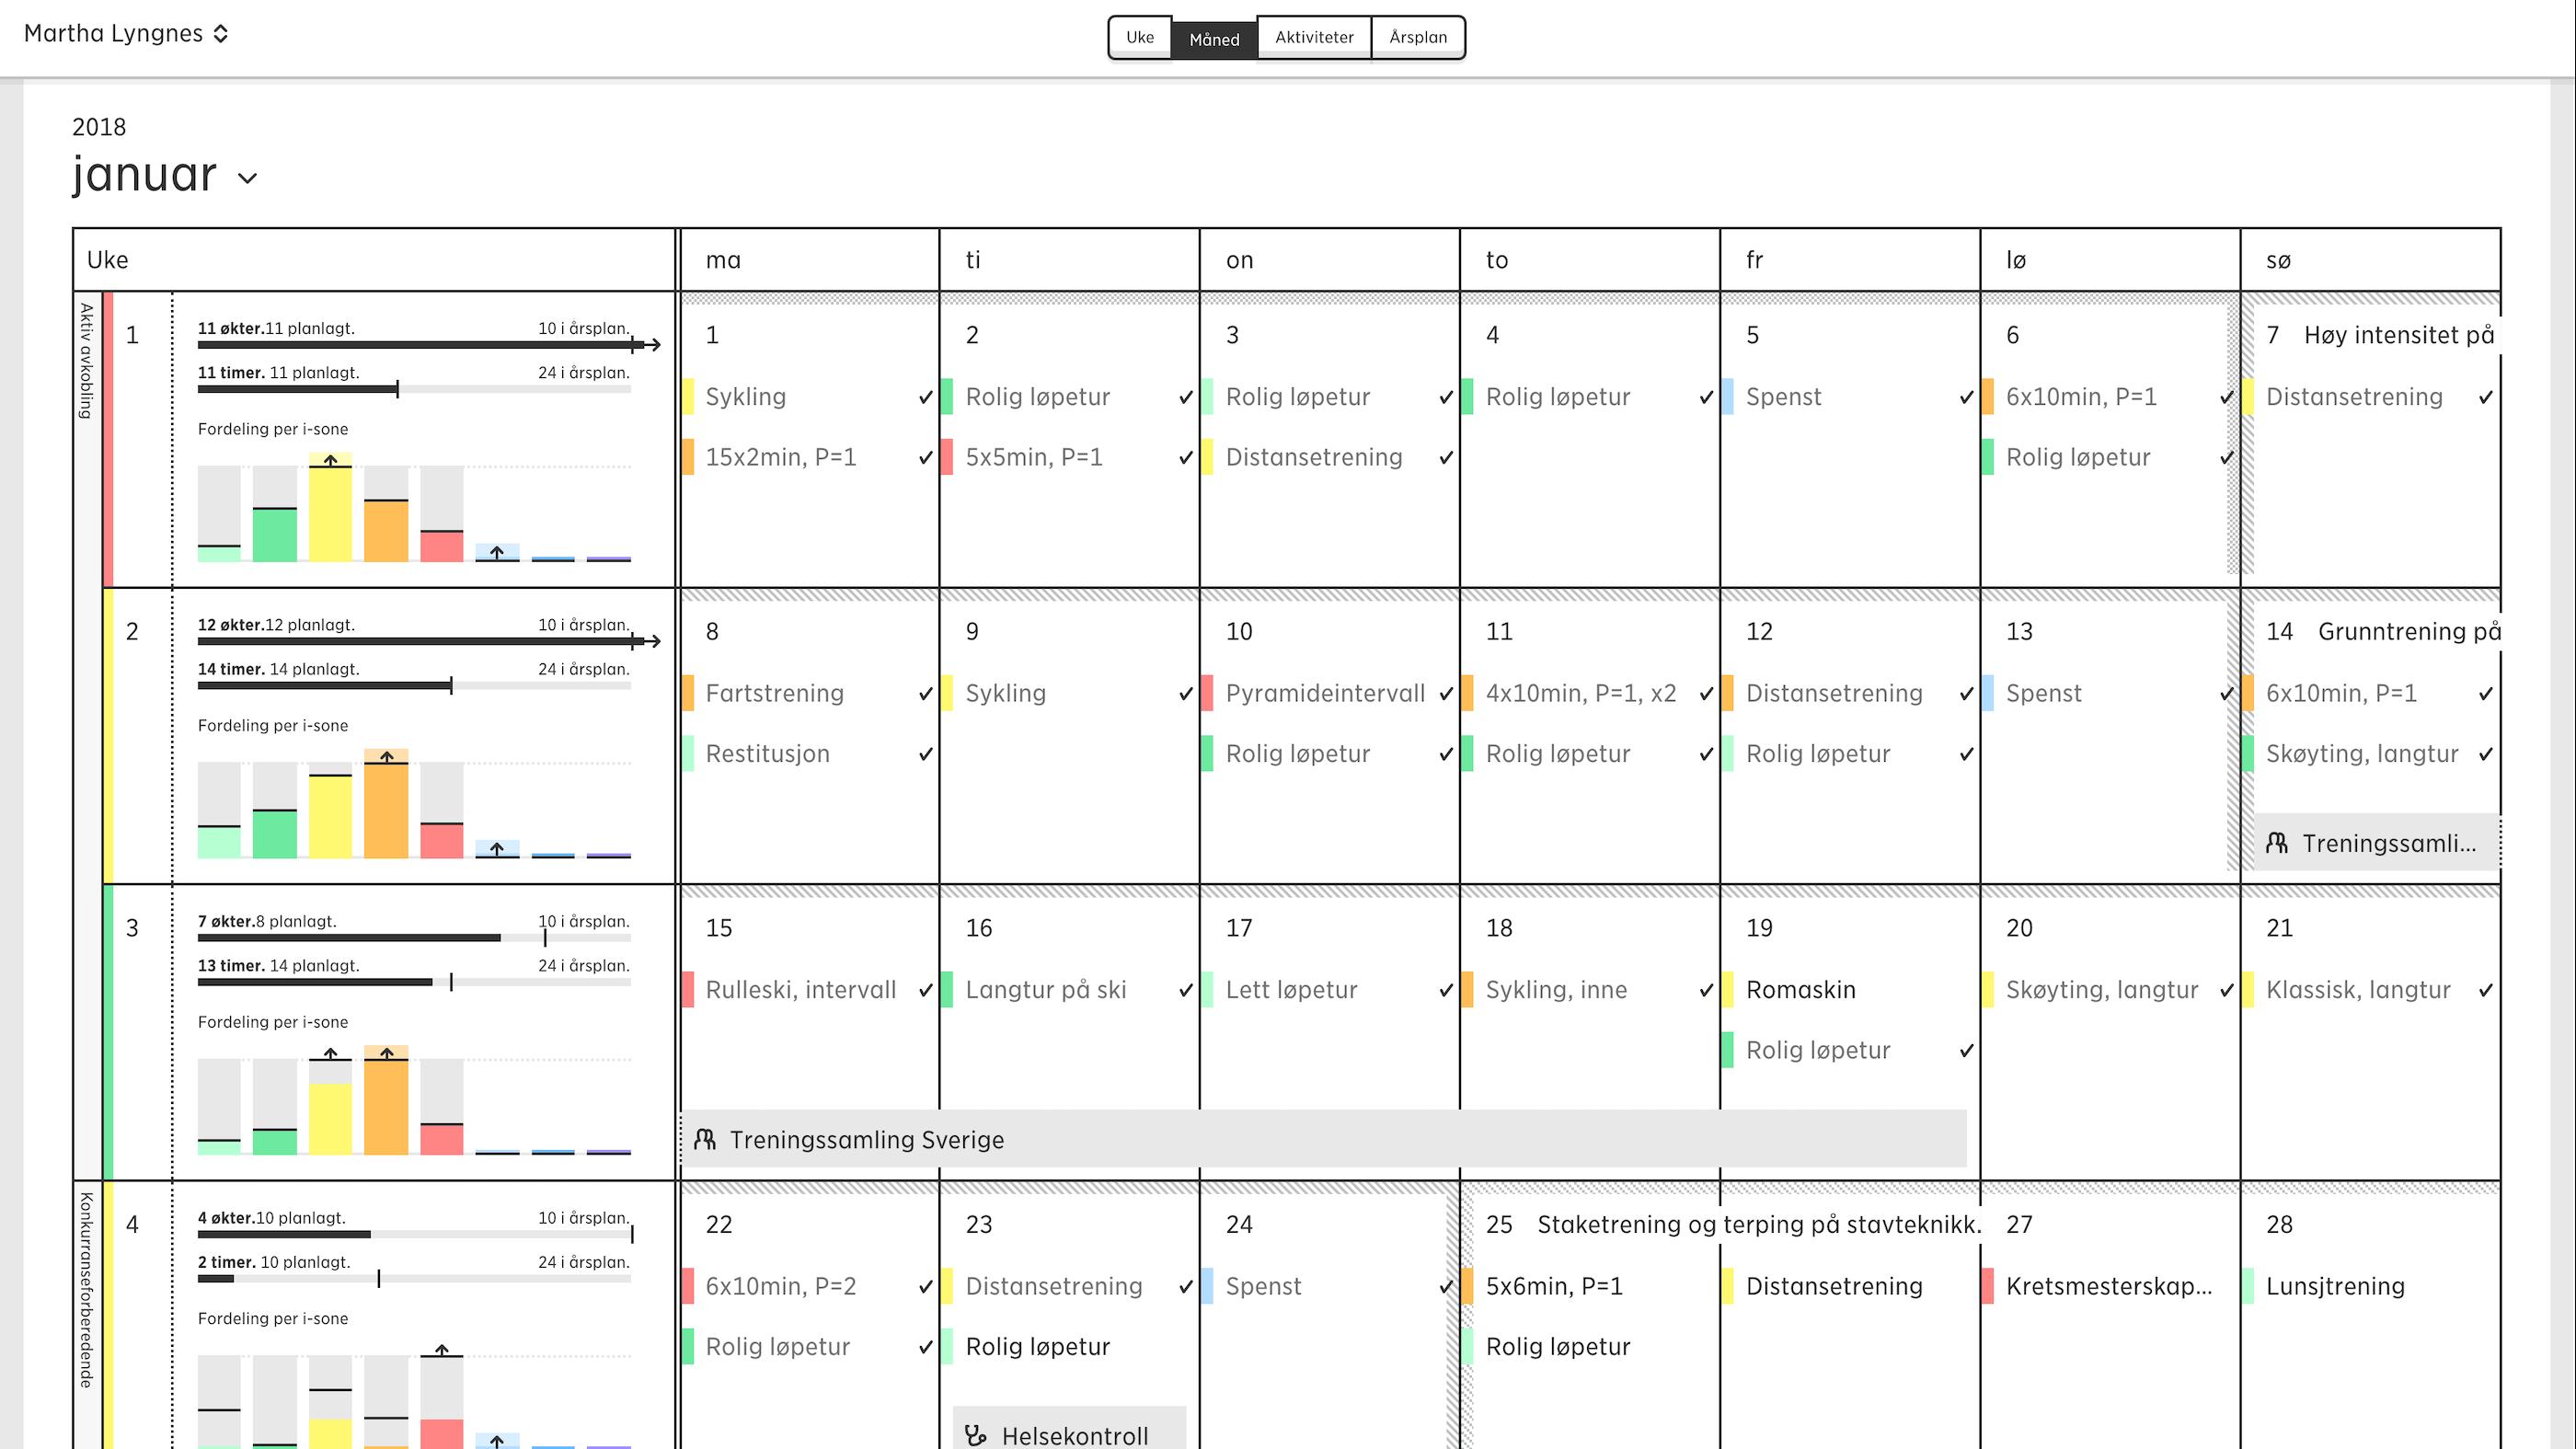 Mye data og innhold i kalenderen.